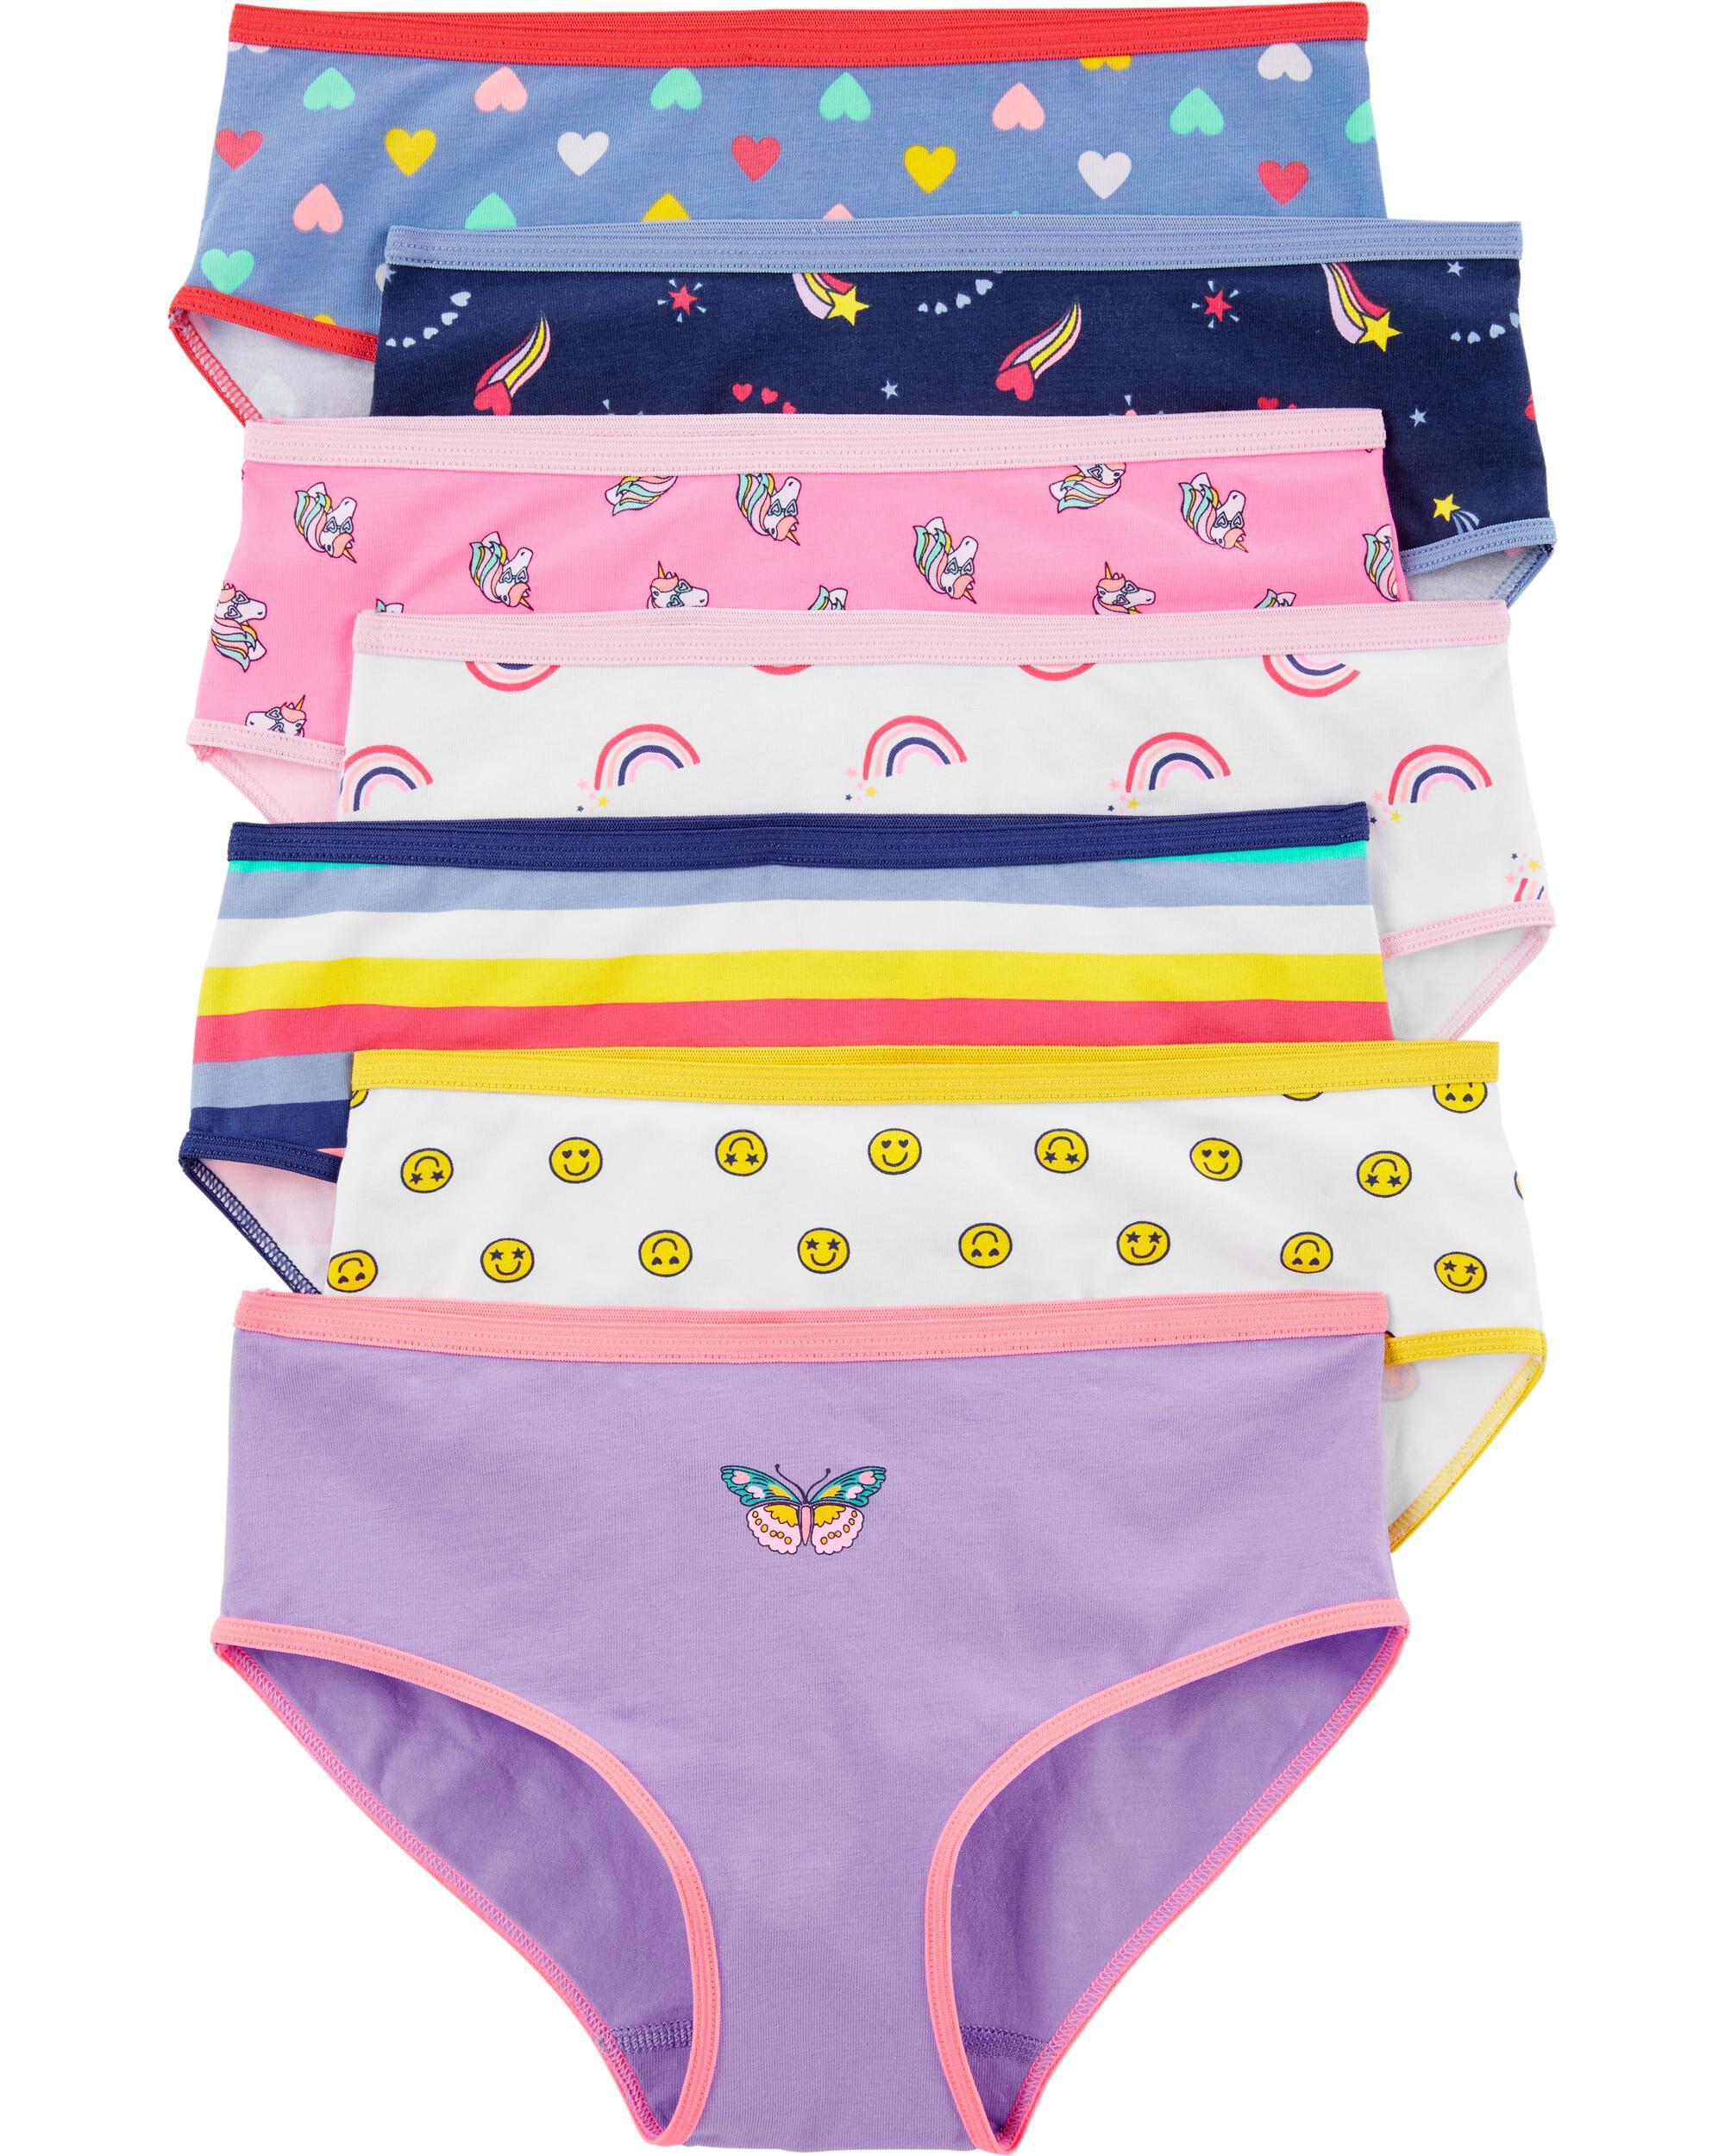 Carters Toddler Boys 7 Pack Cotton Brief Underwear